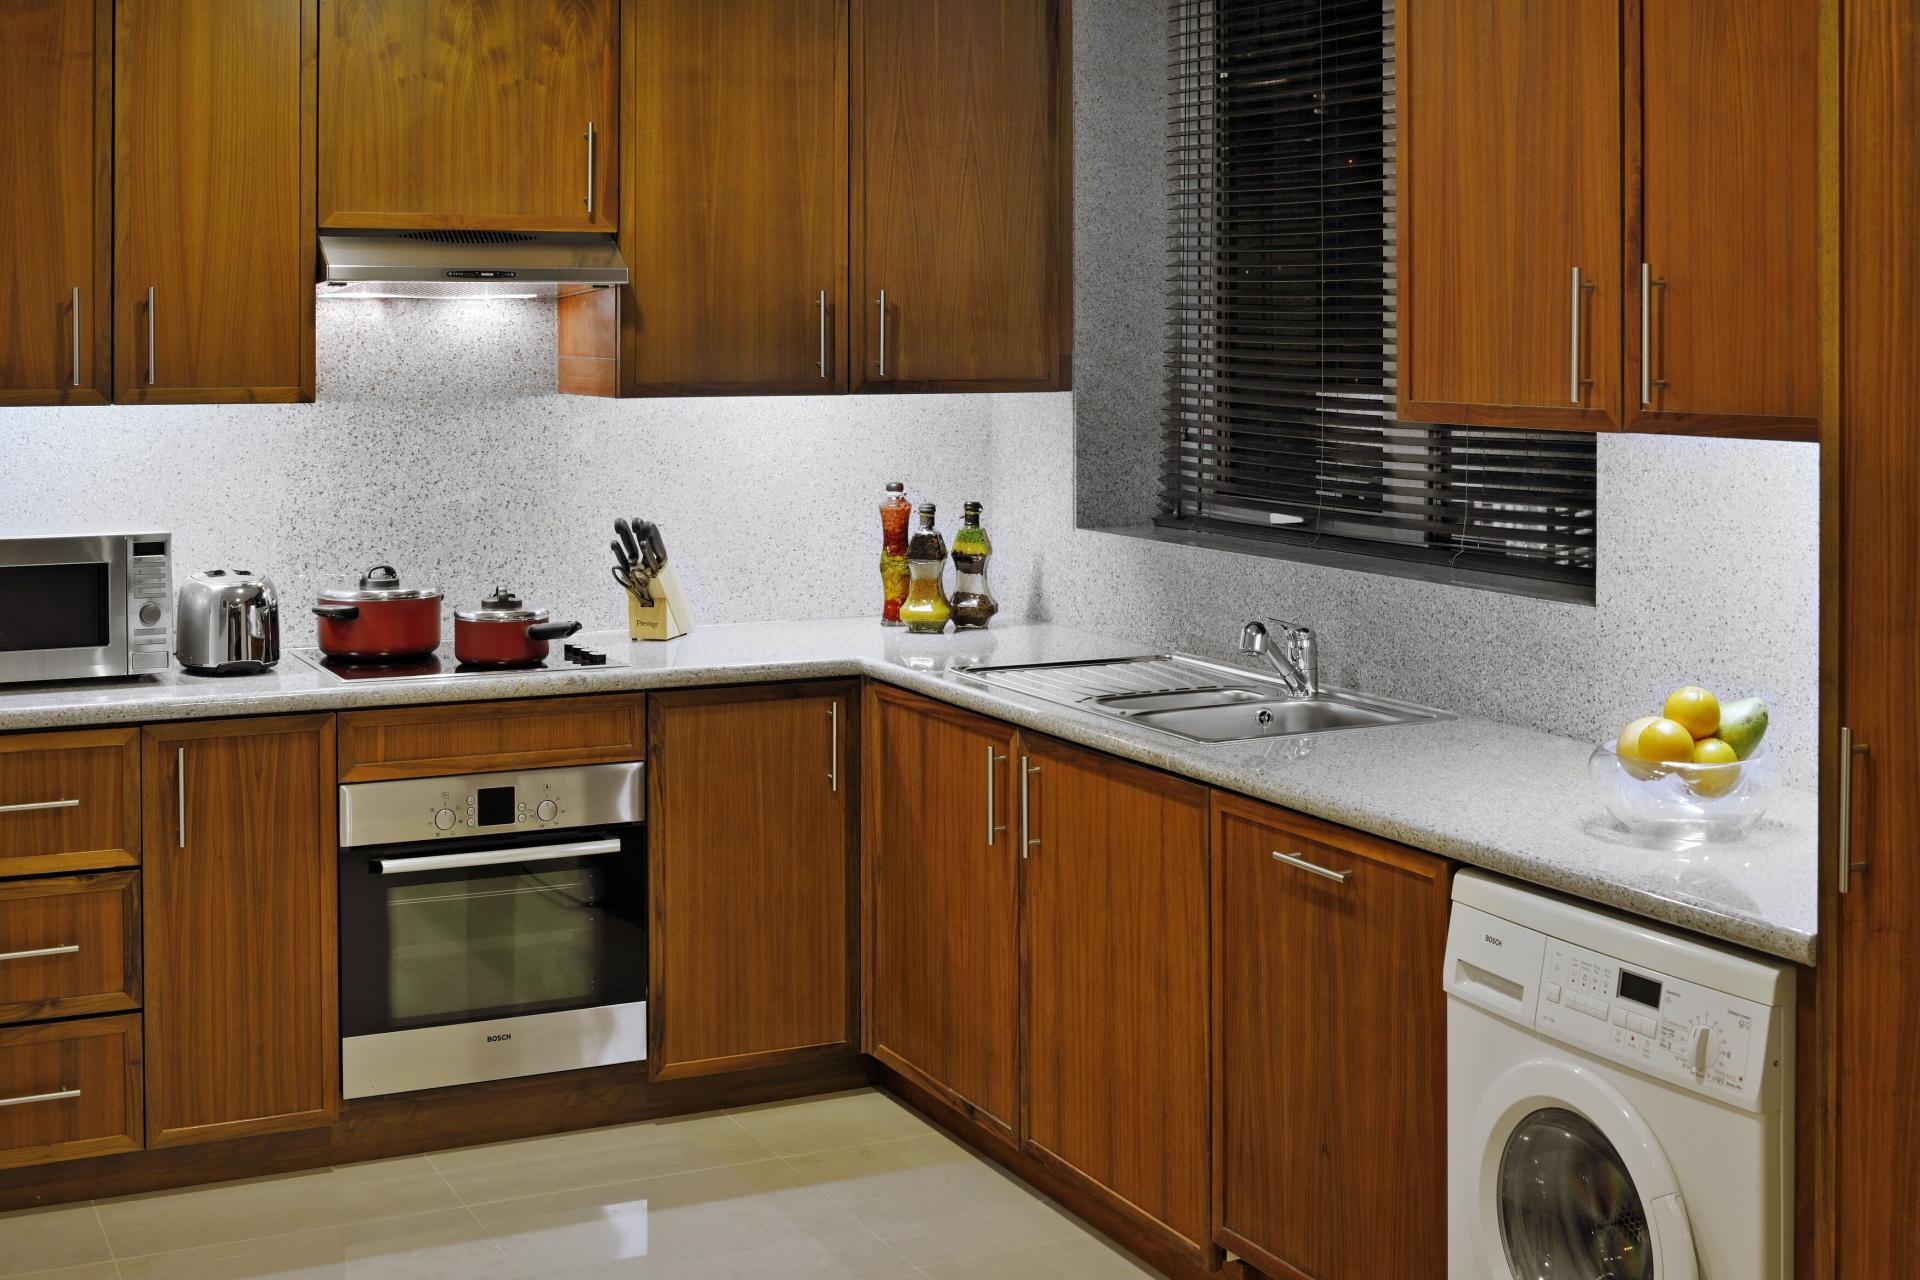 Oven at Ramada Downtown Dubai Apartments